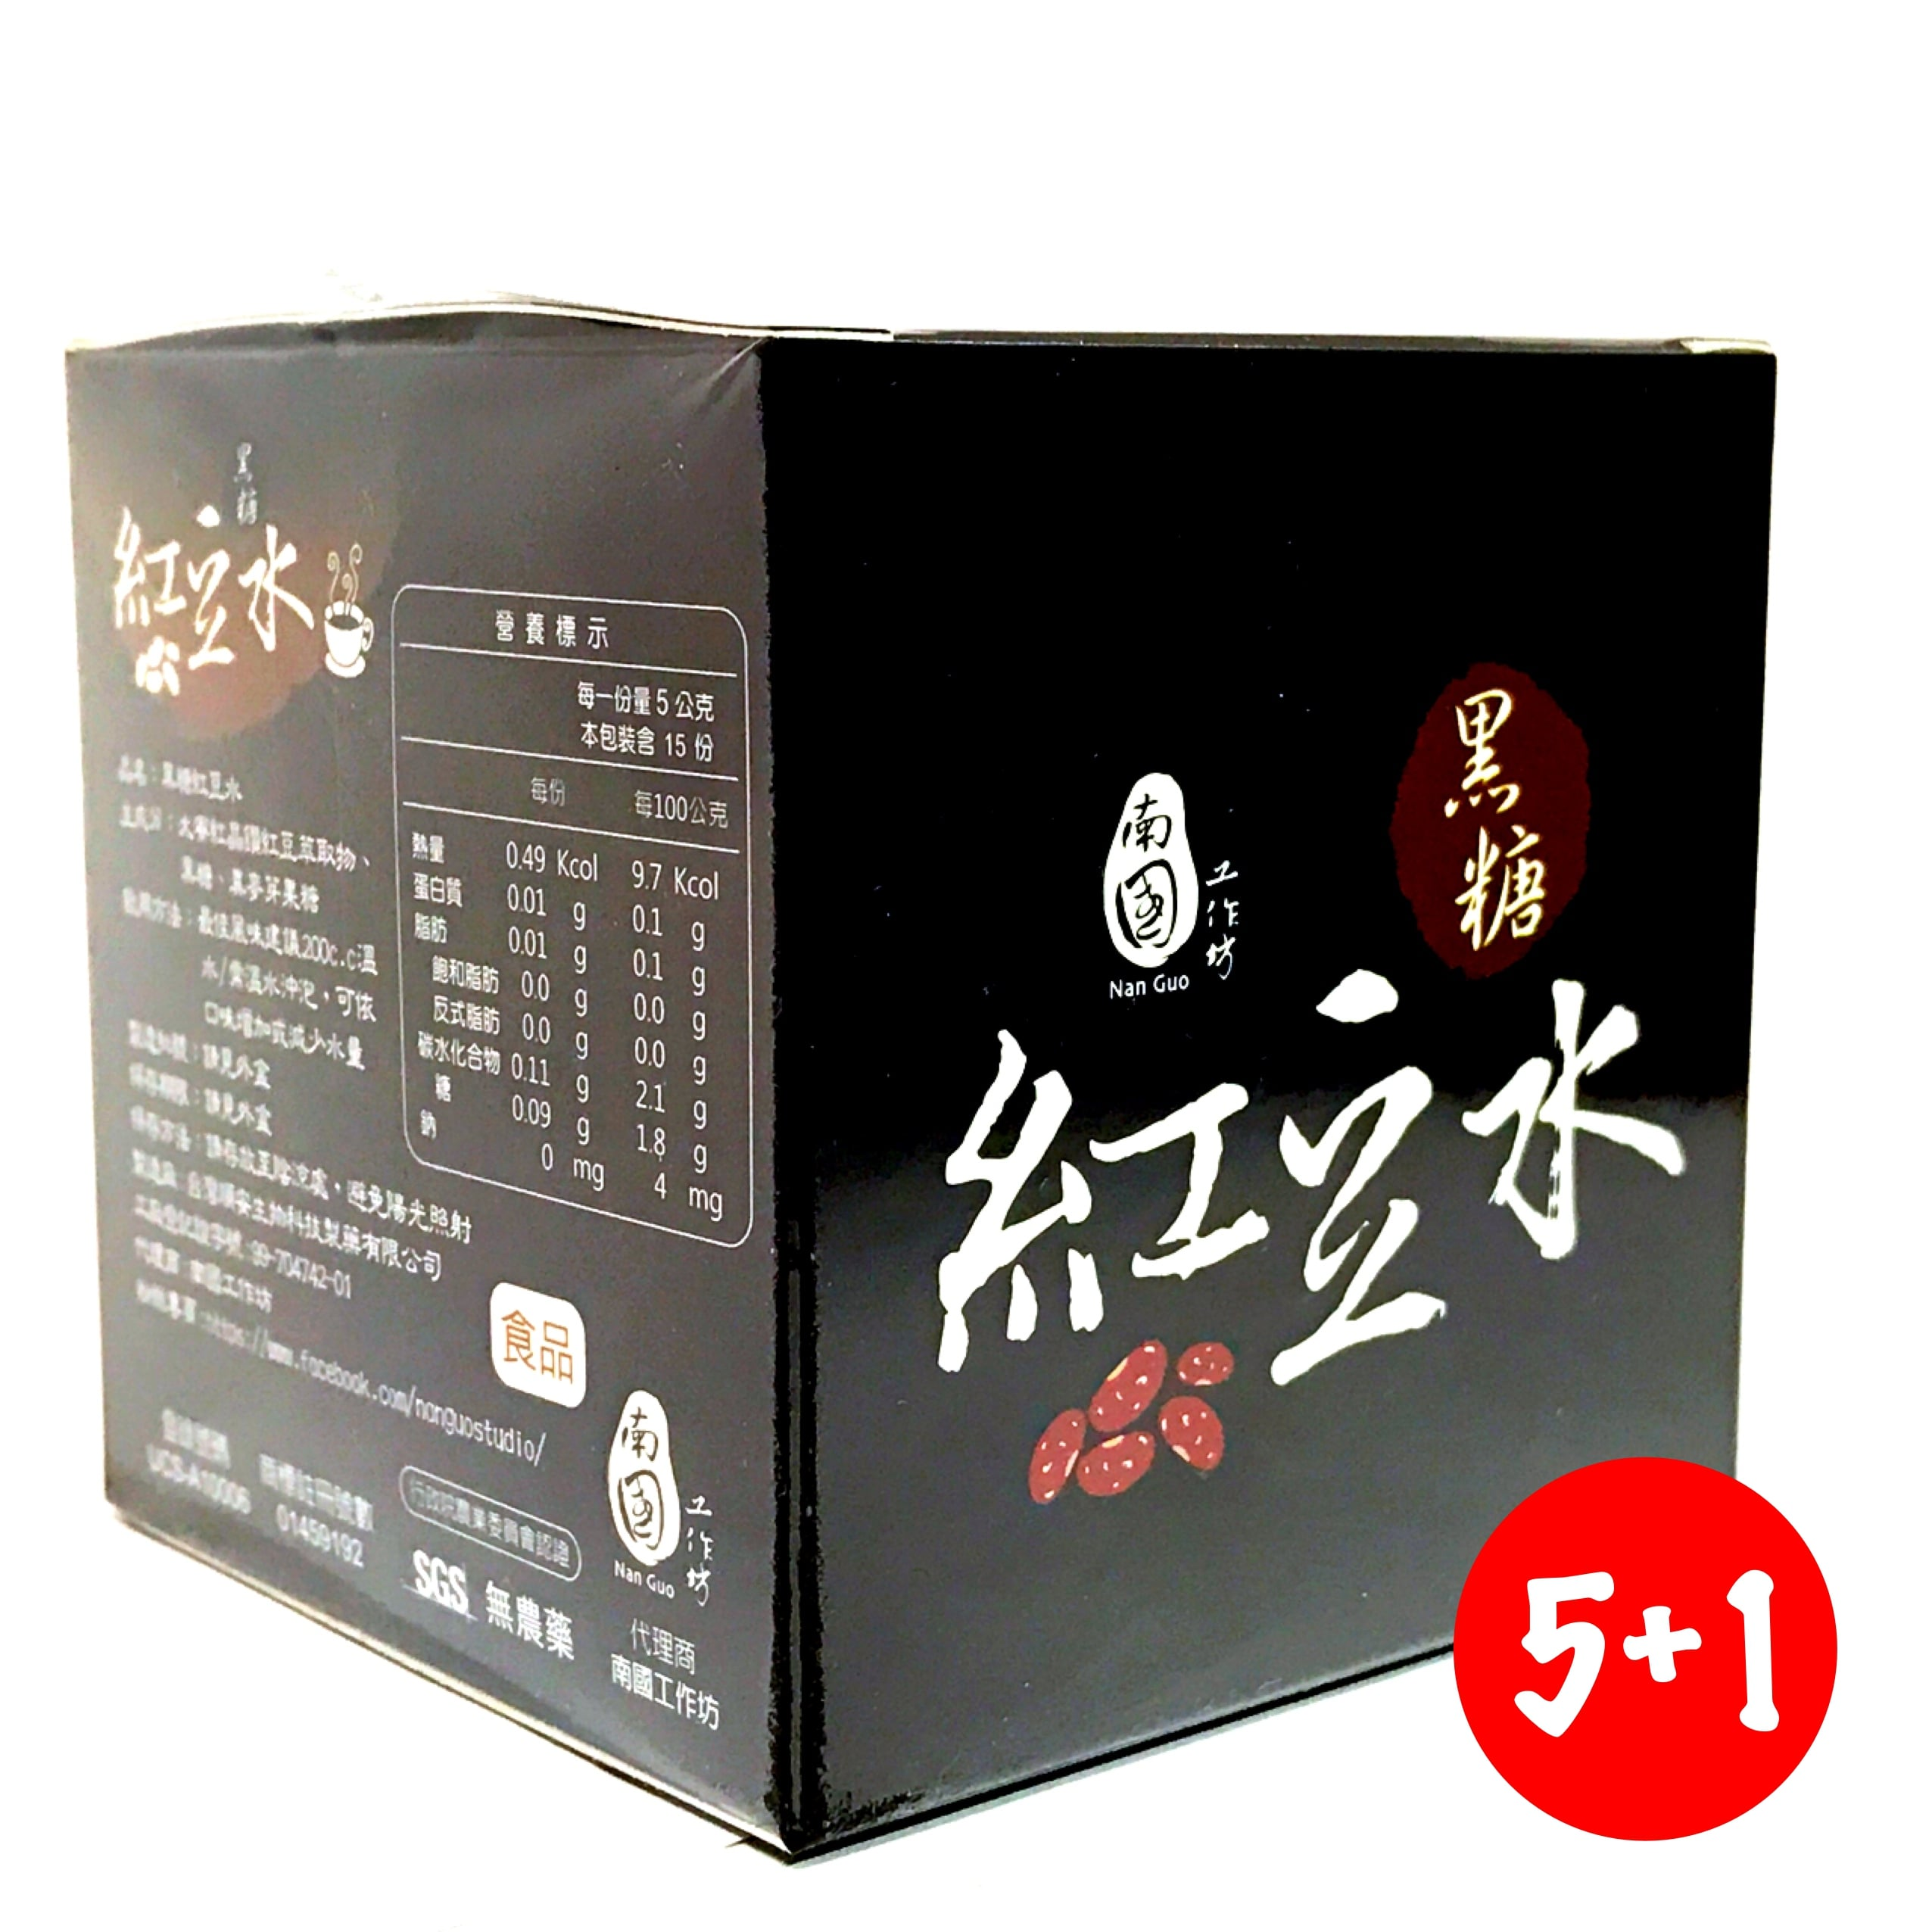 【買五送一】南國工作坊-黑糖紅豆水